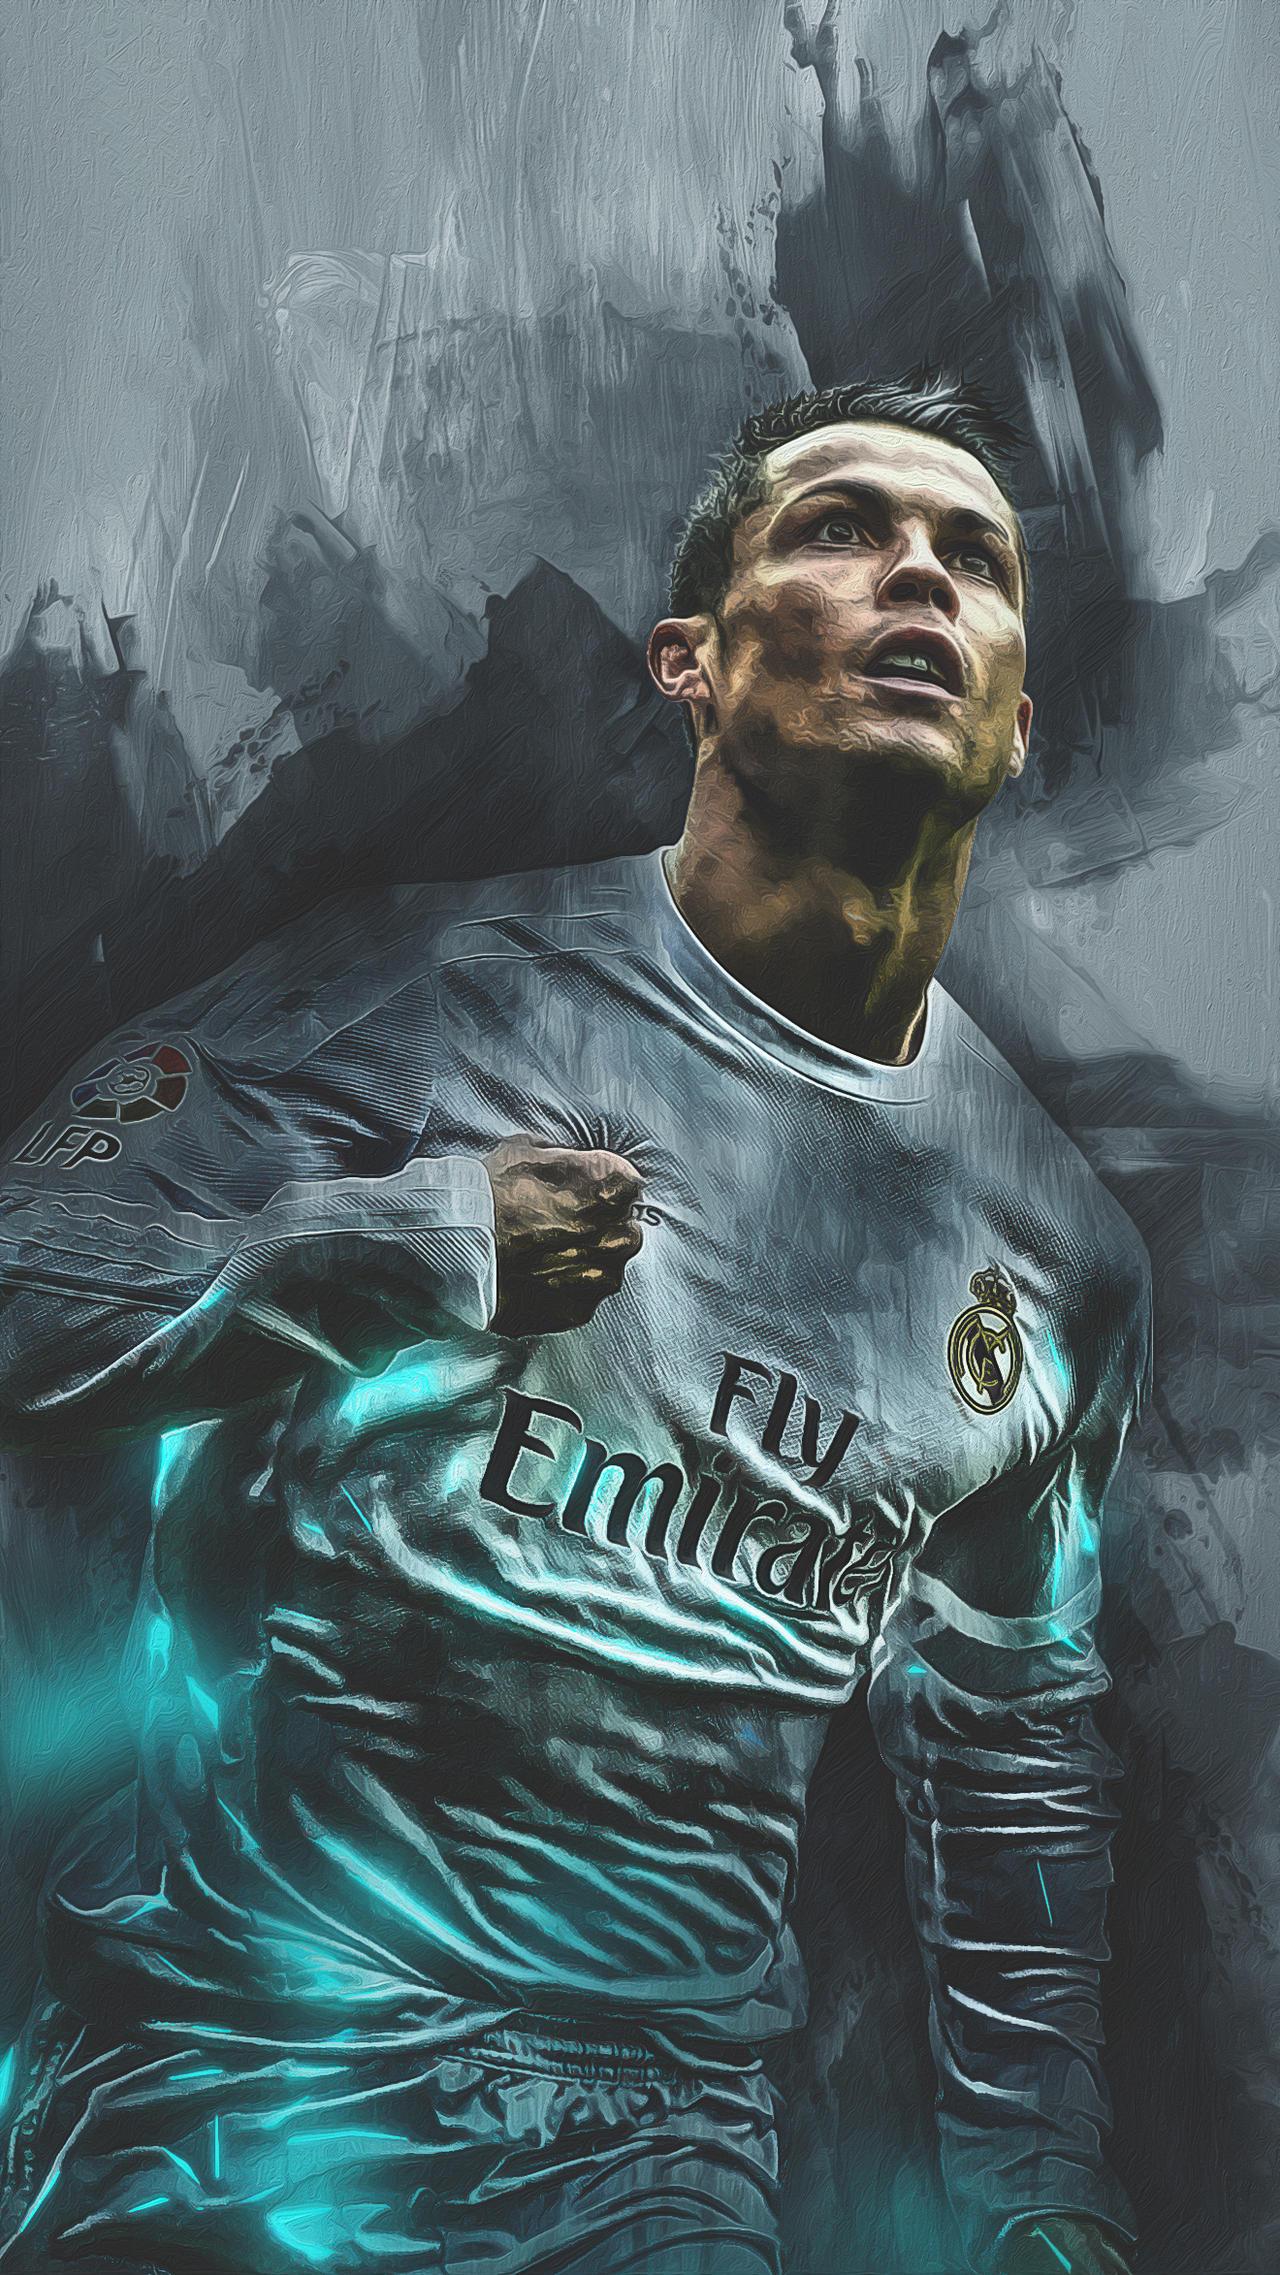 Cristiano Ronaldo Iphone Wallpaper 2016